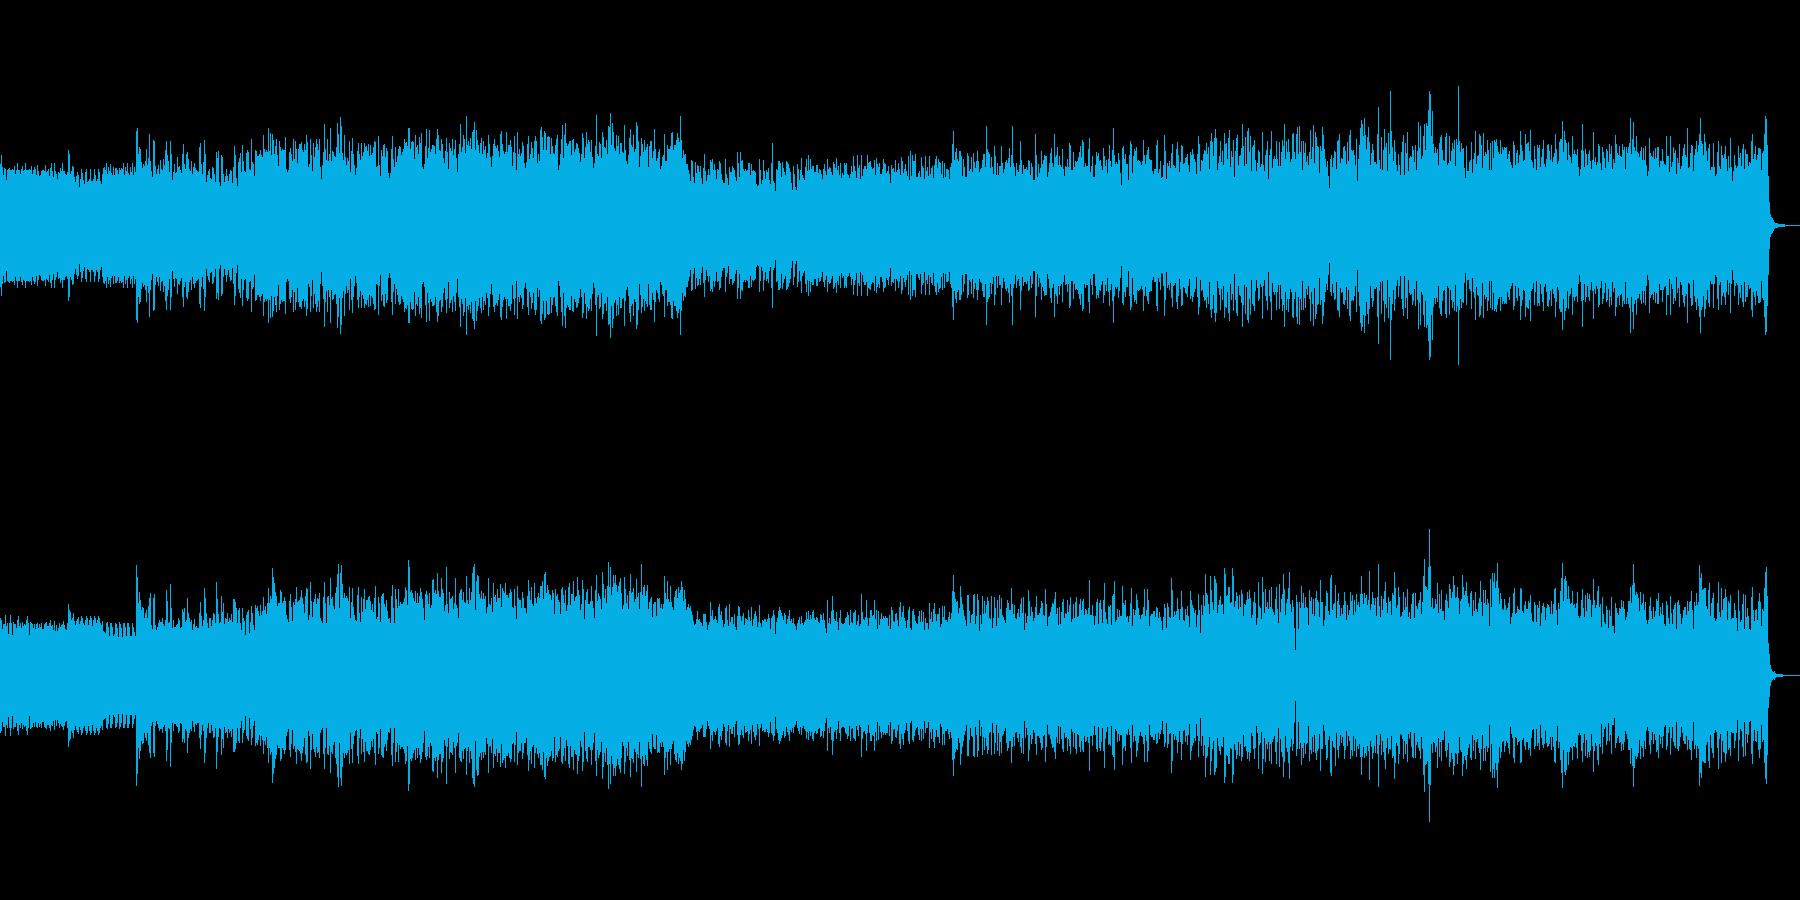 ピアノをメインとした激しい幻想サウンドの再生済みの波形